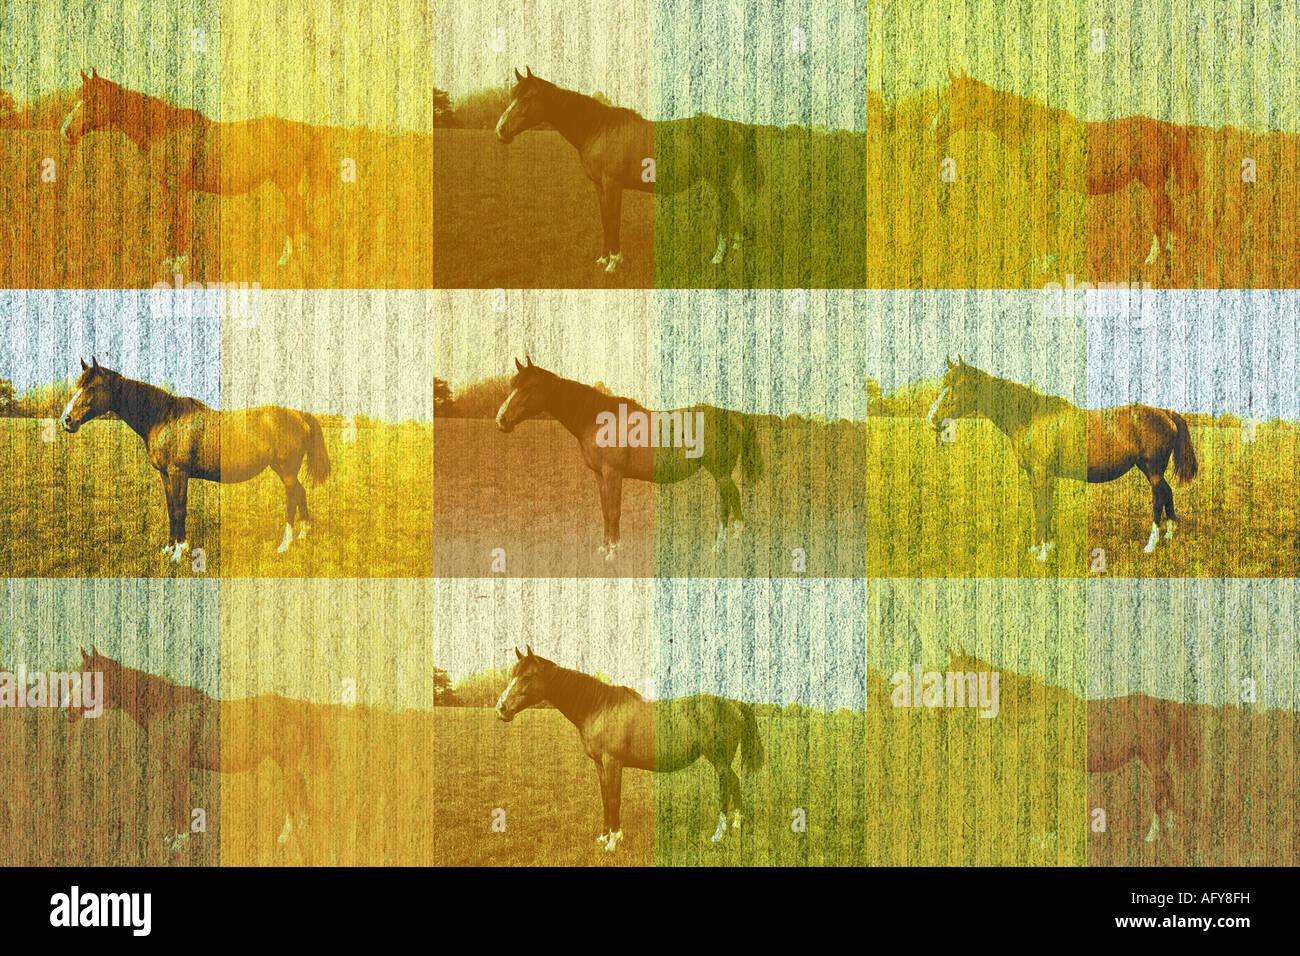 Paso a paso y repetir la ilustración de una bahía a caballo en un campo Imagen De Stock